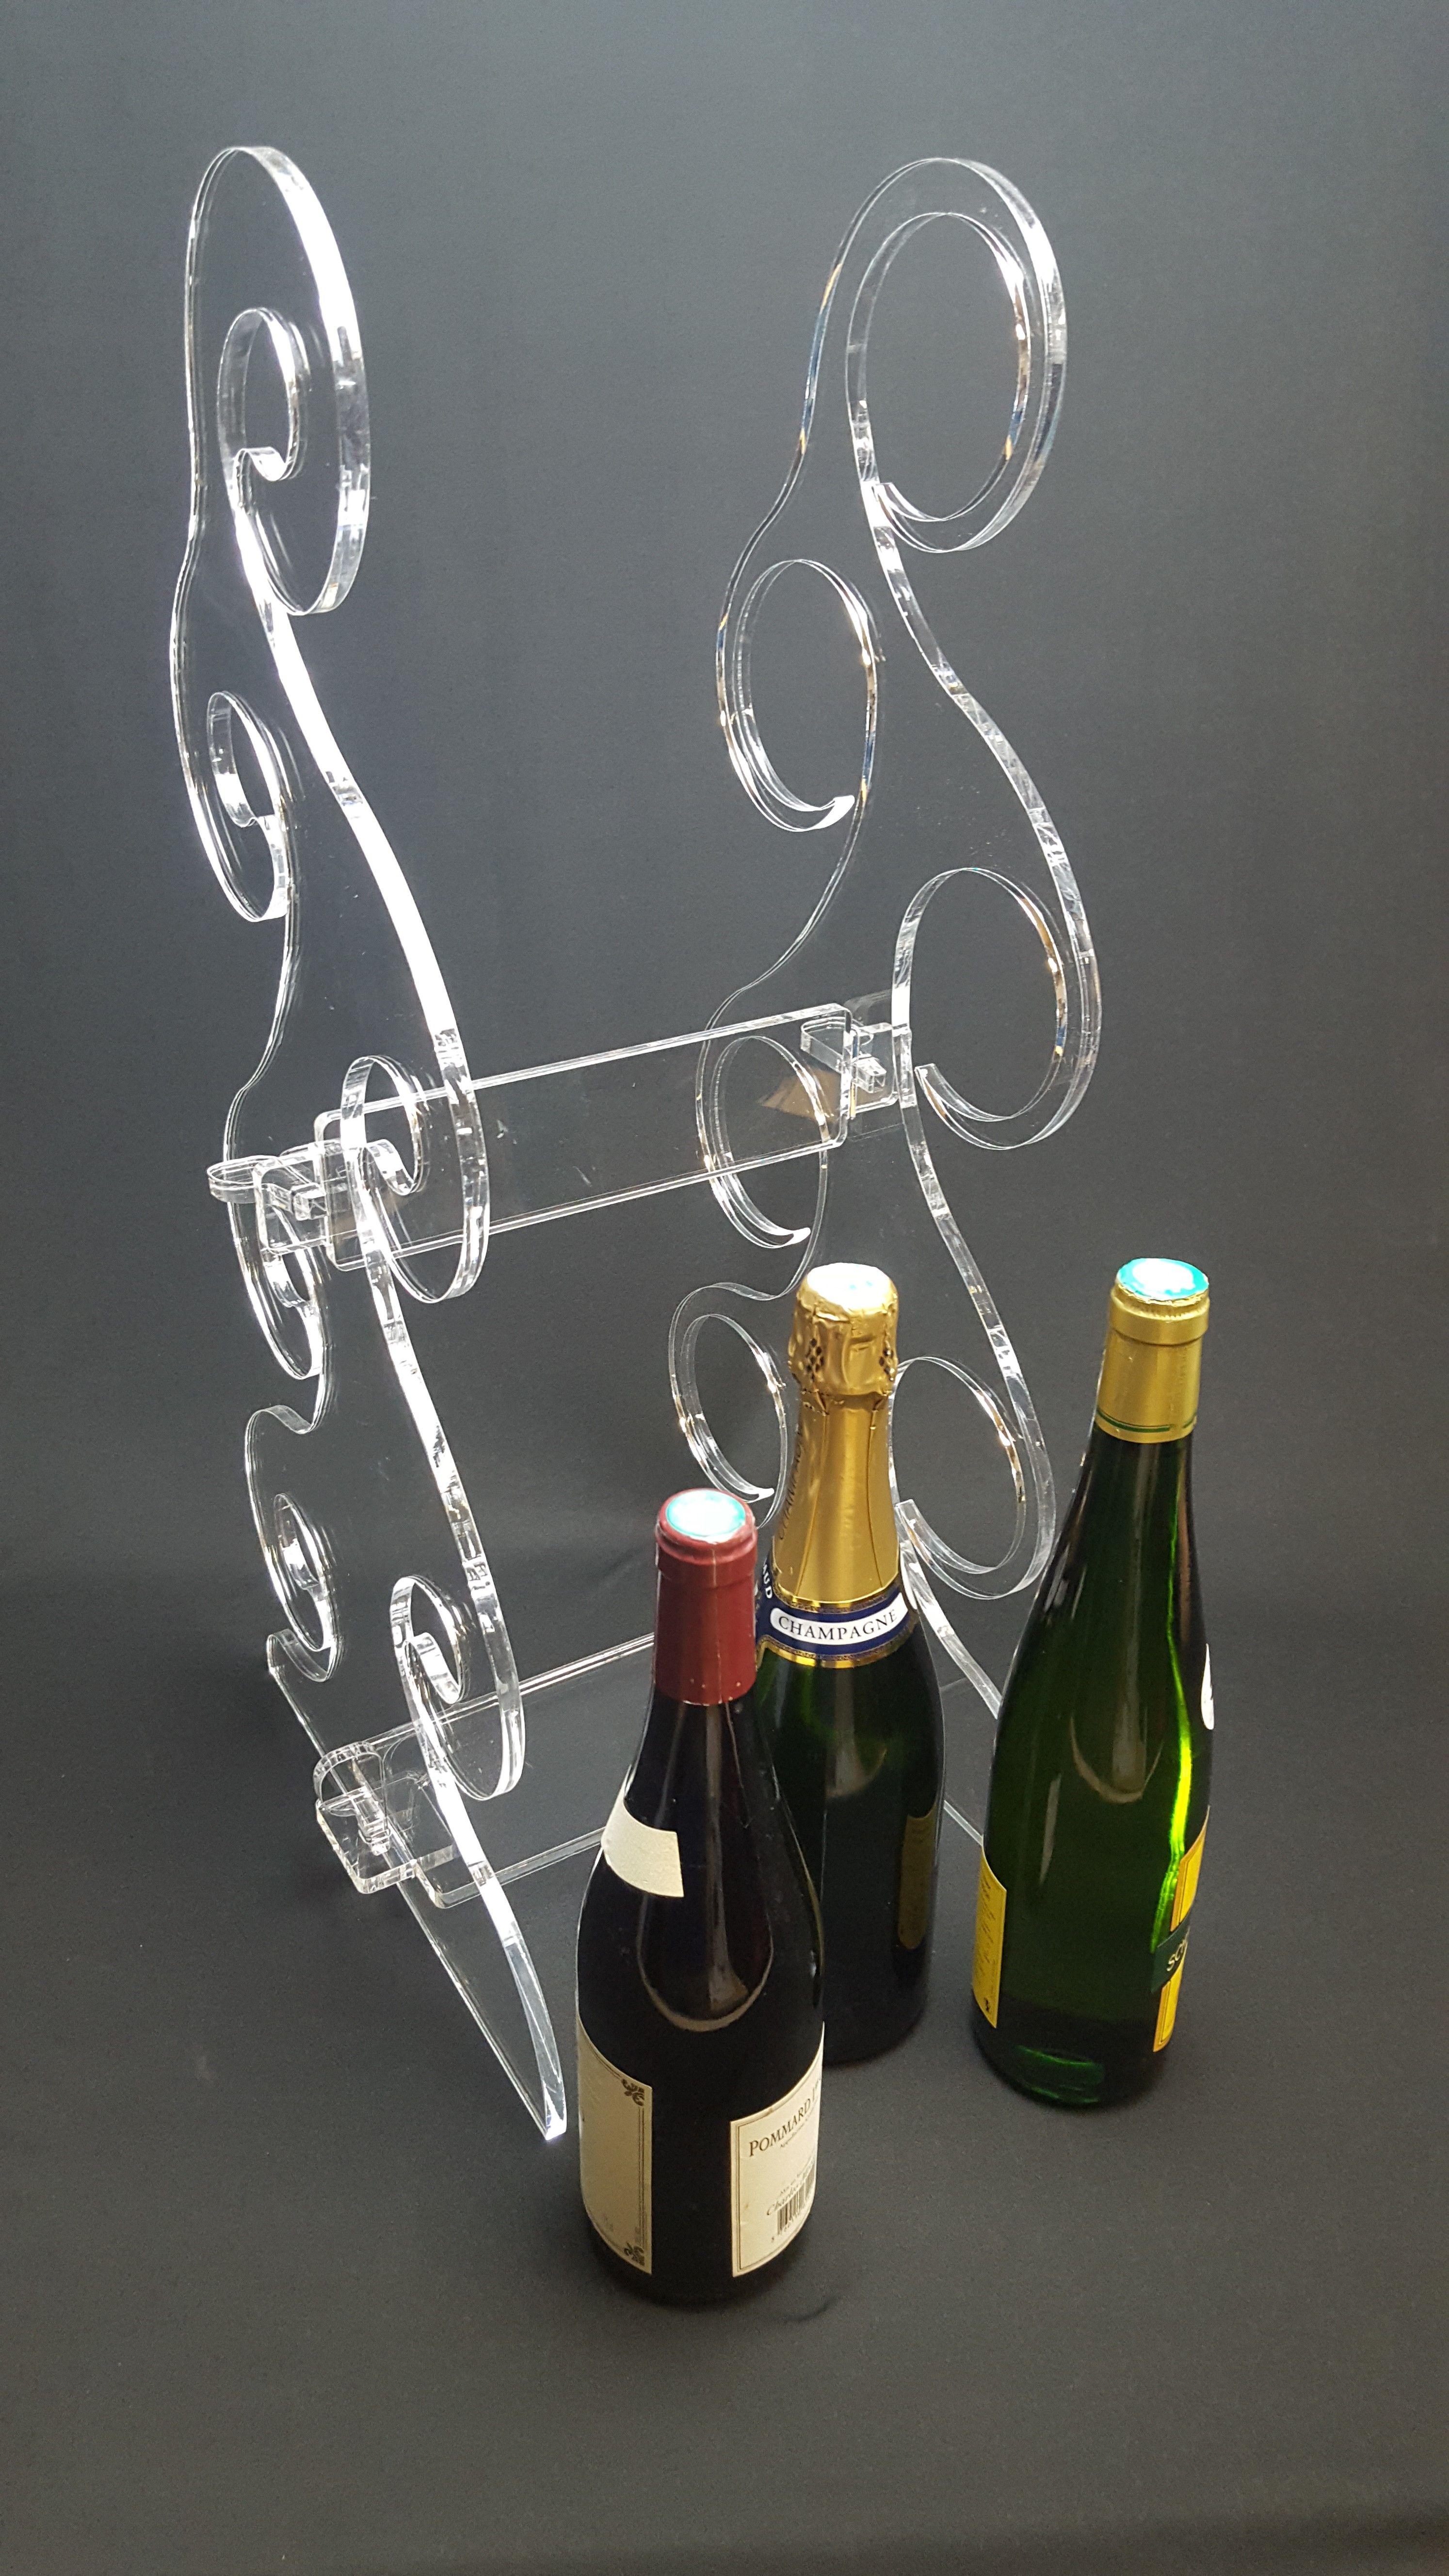 Porte Bouteilles Design En Plexiglas Pour 6 Bouteilles Vin Ou Champagne Porte Bouteille Design Porte Bouteille Gravure Laser